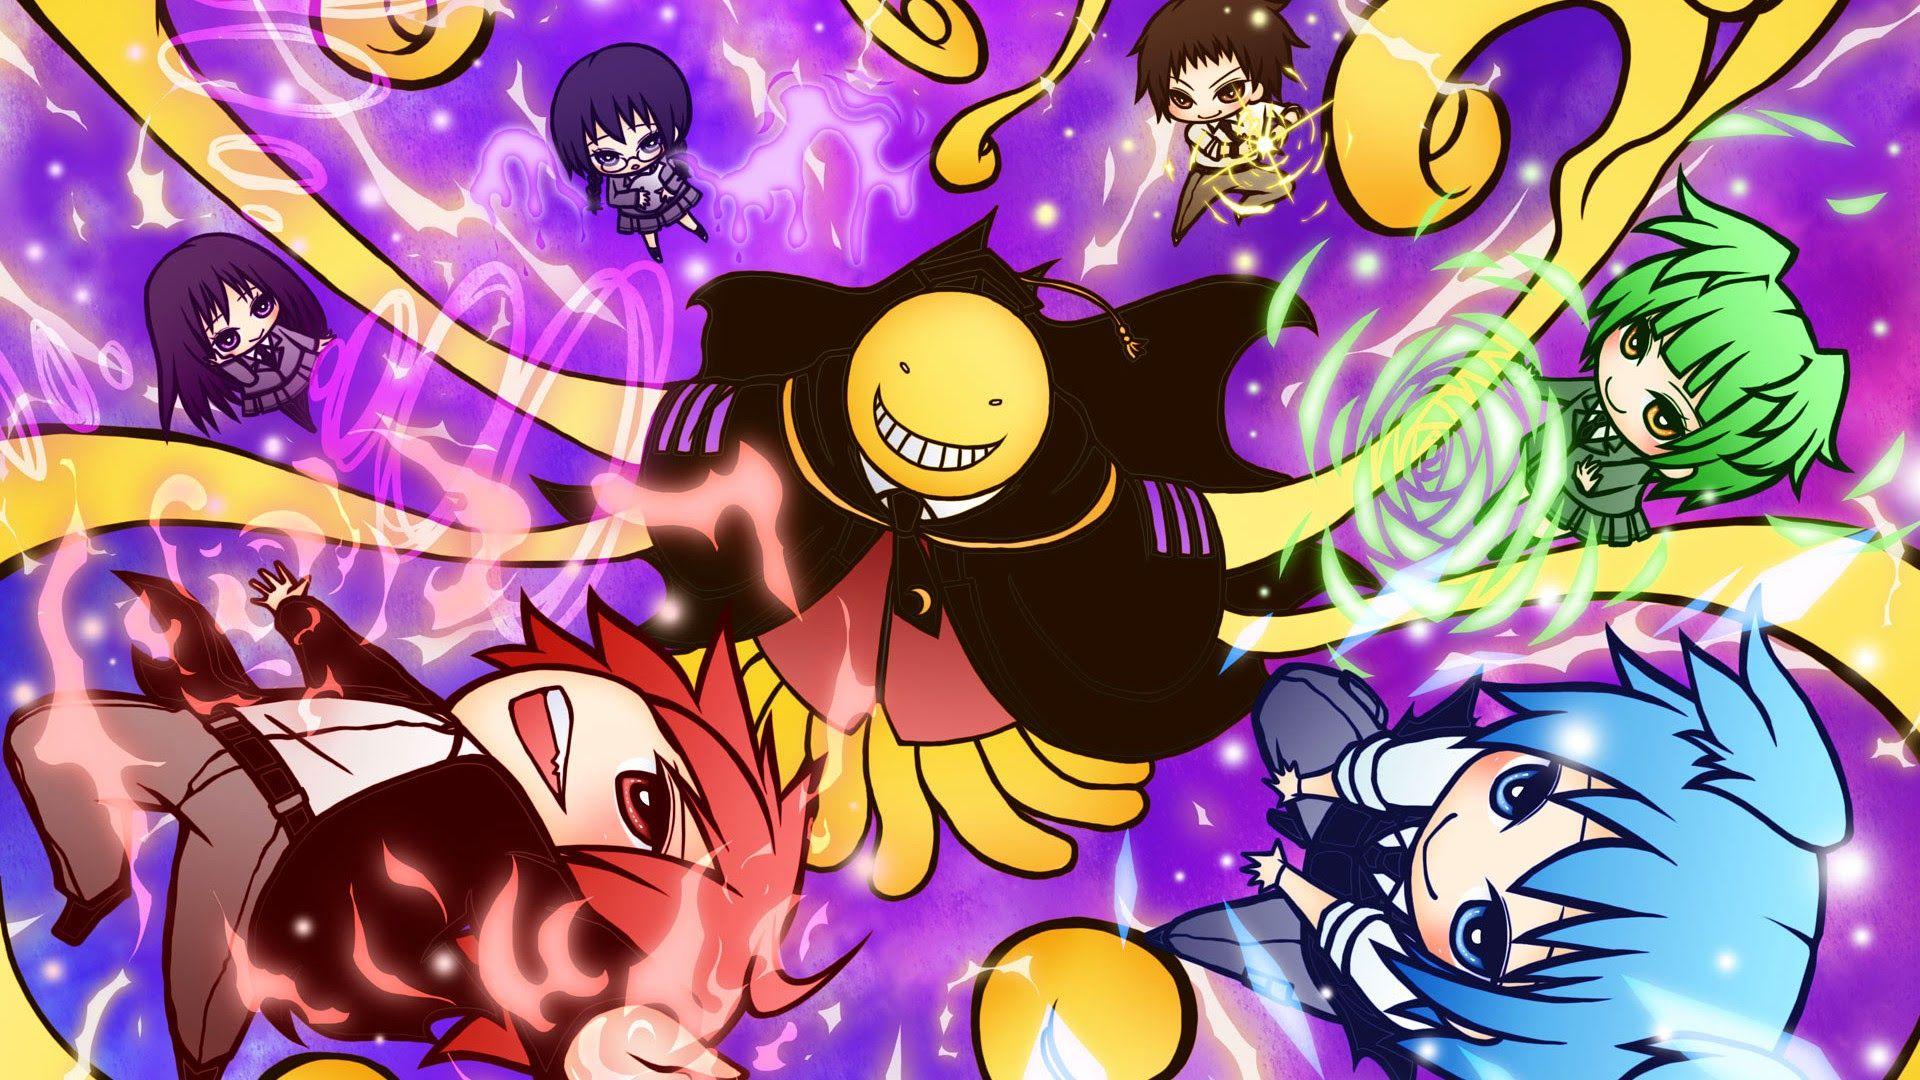 Ansatsu Kyoushitsu Tapety Full HD Animé, Nagisa